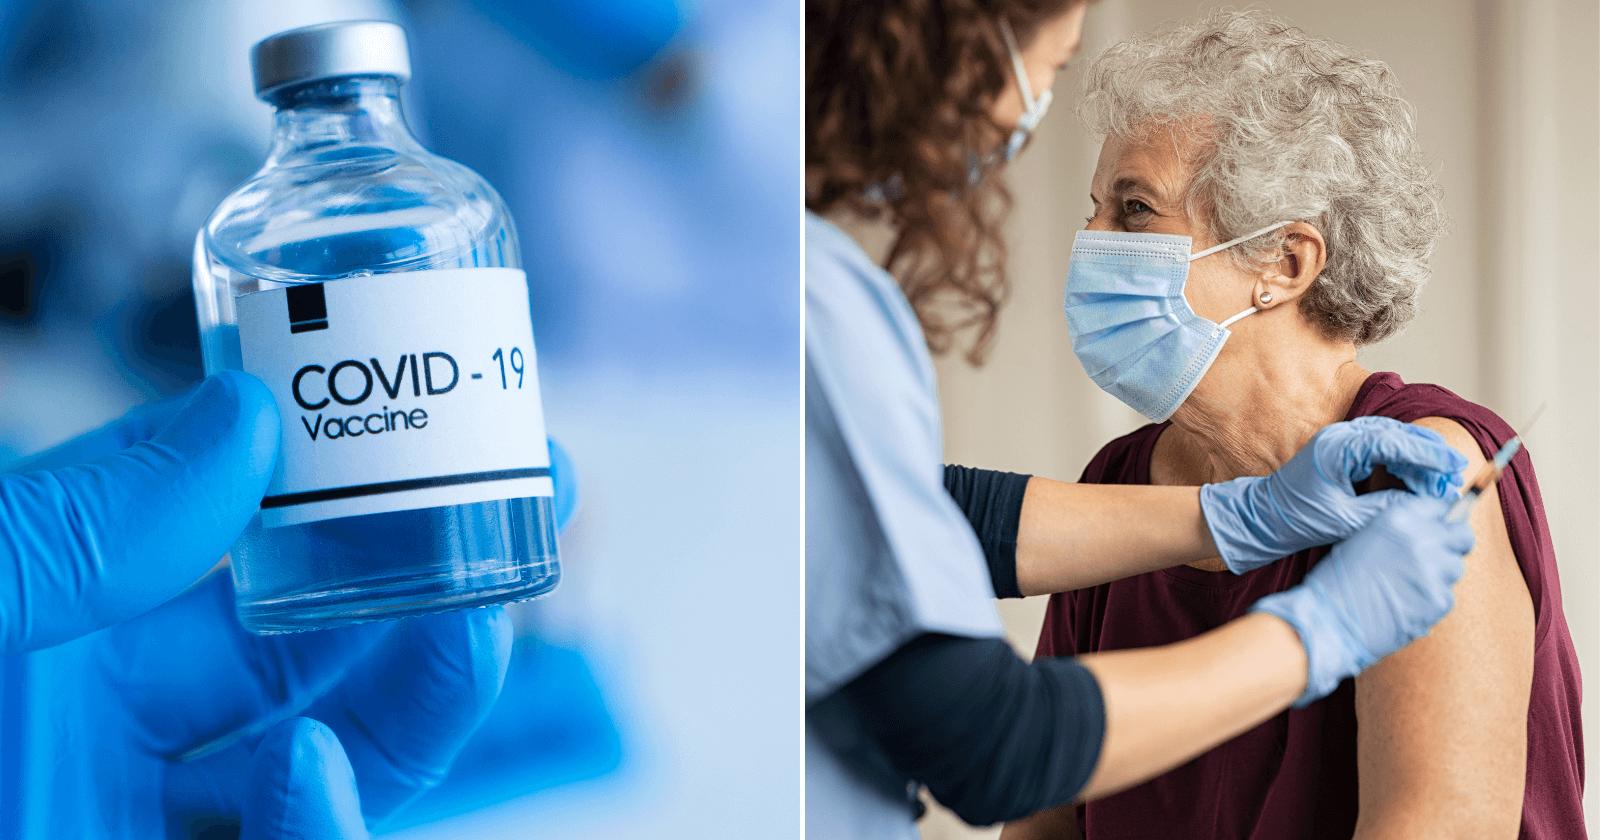 Brasil atinge recorde de vacinas aplicadas contra Covid-19